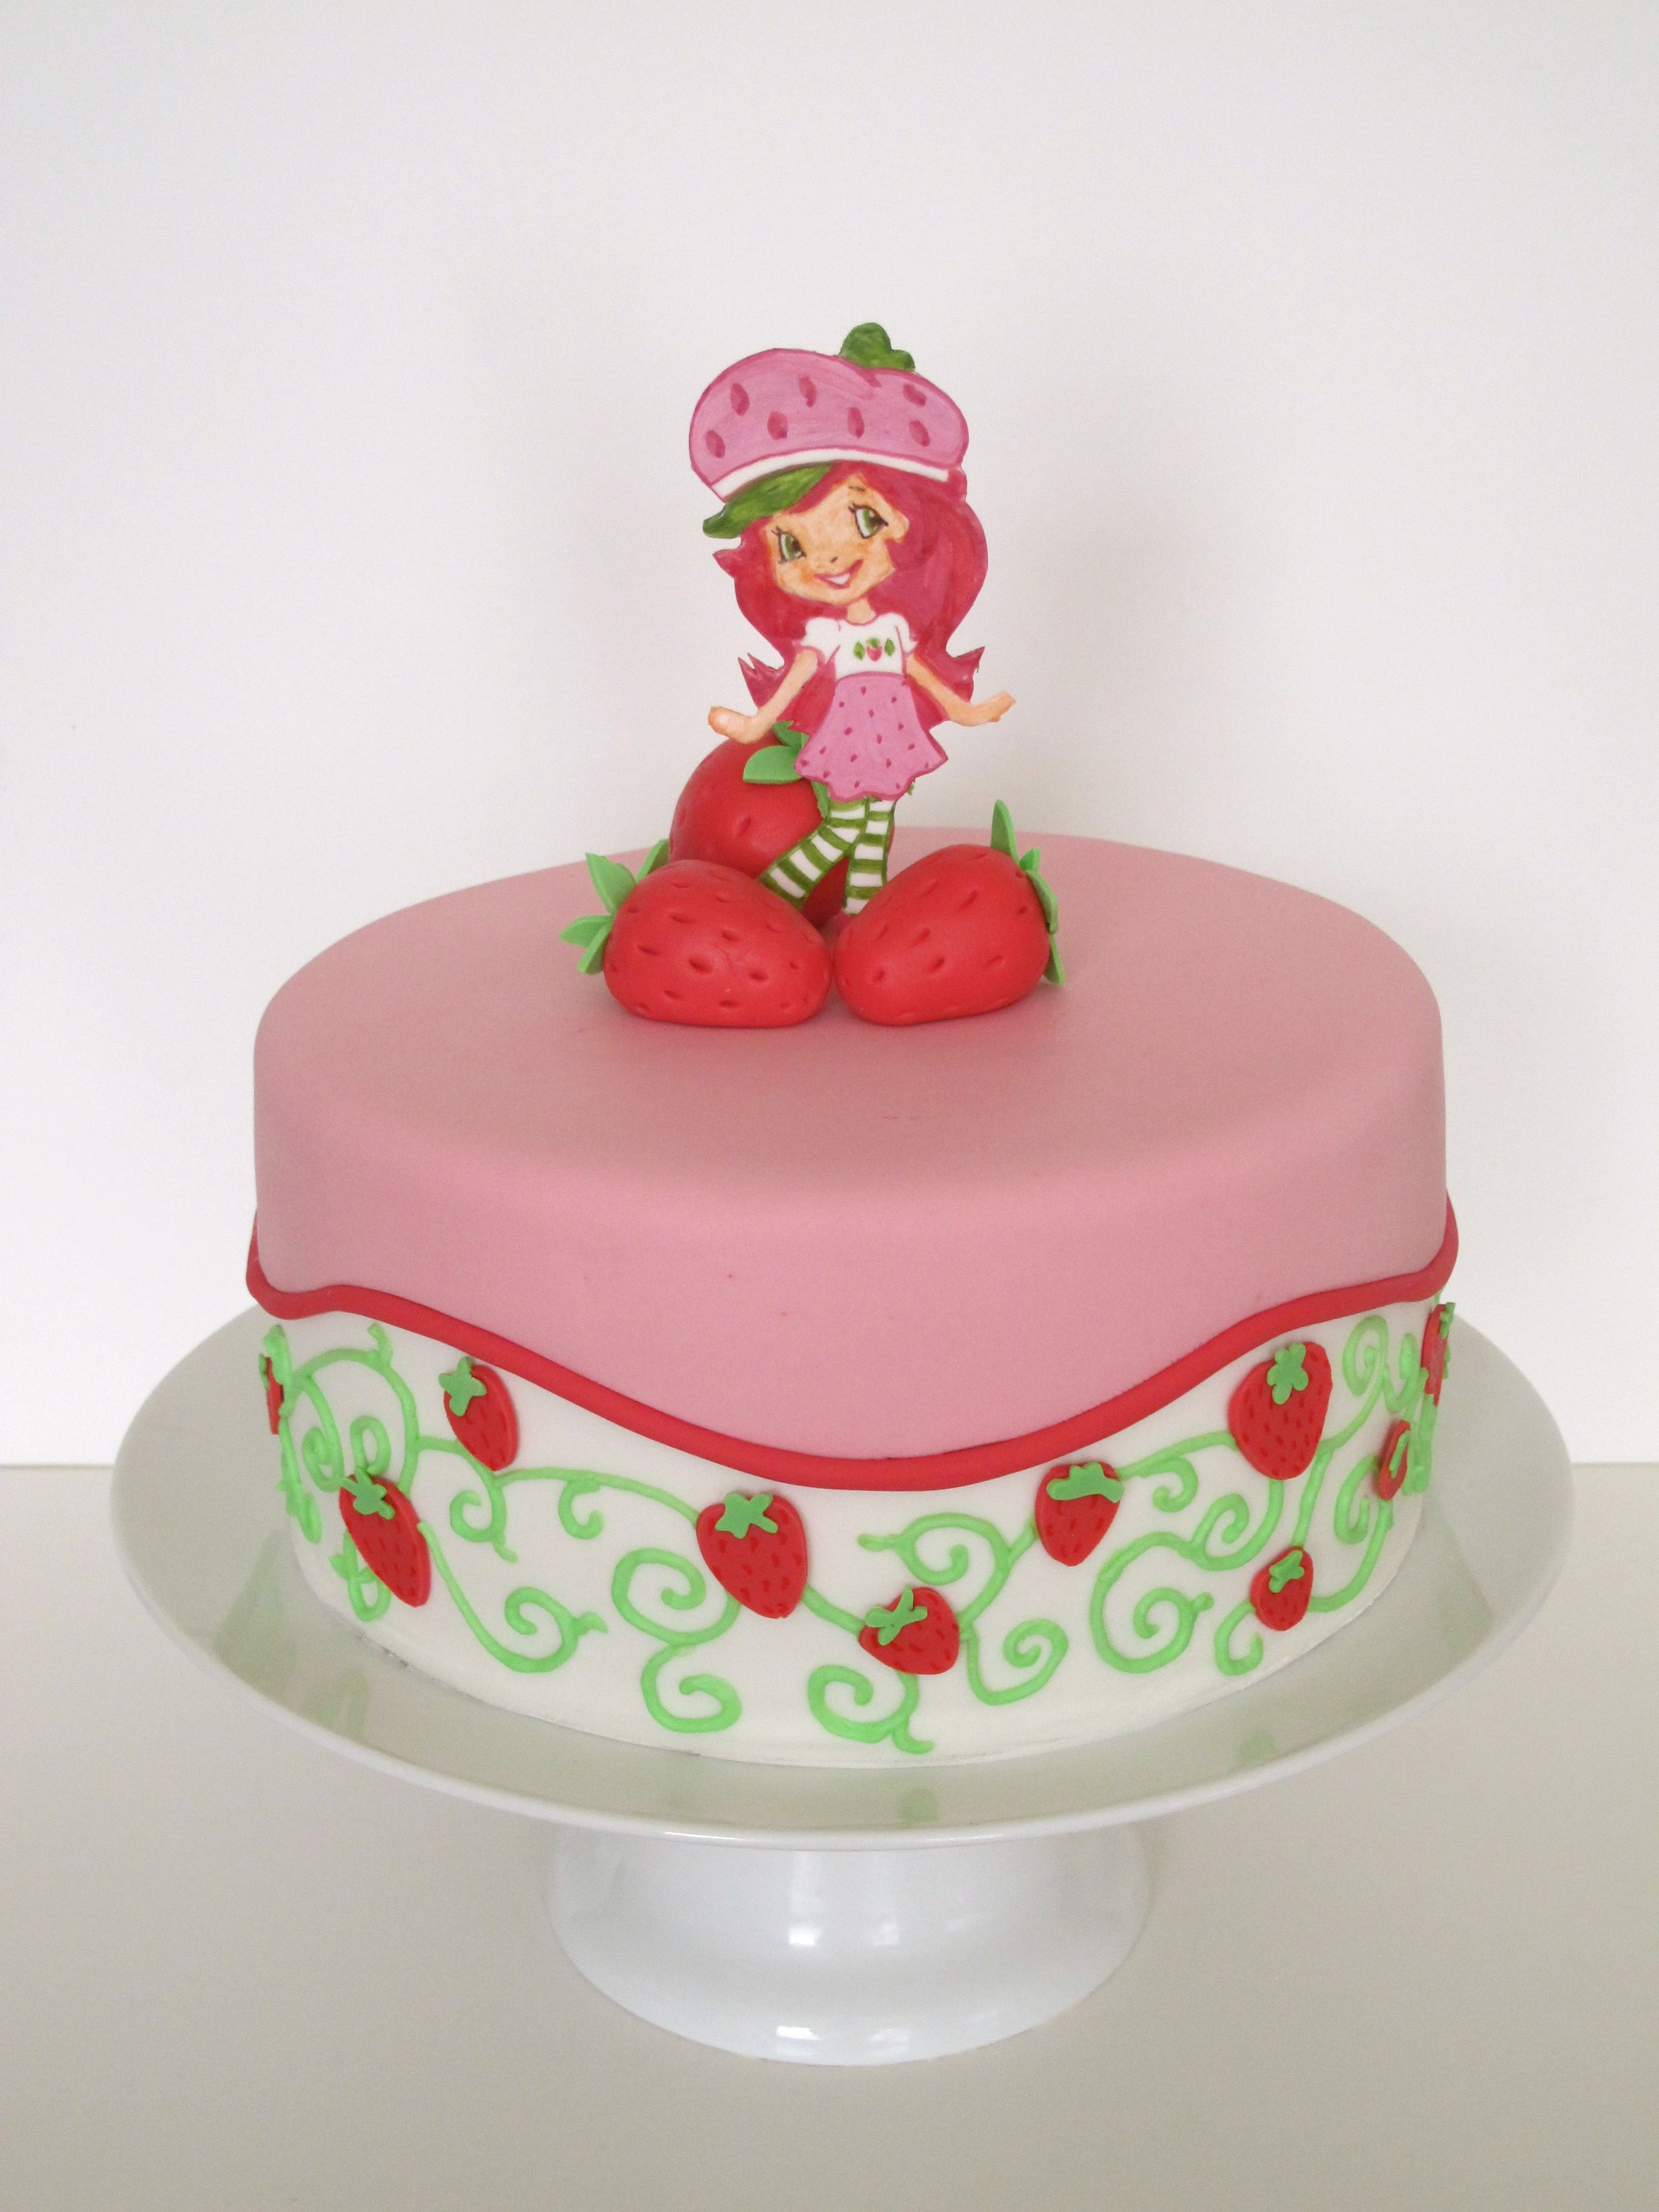 Images Of Strawberry Shortcake Cake : Strawberry Shortcake cake My inspiration Pinterest